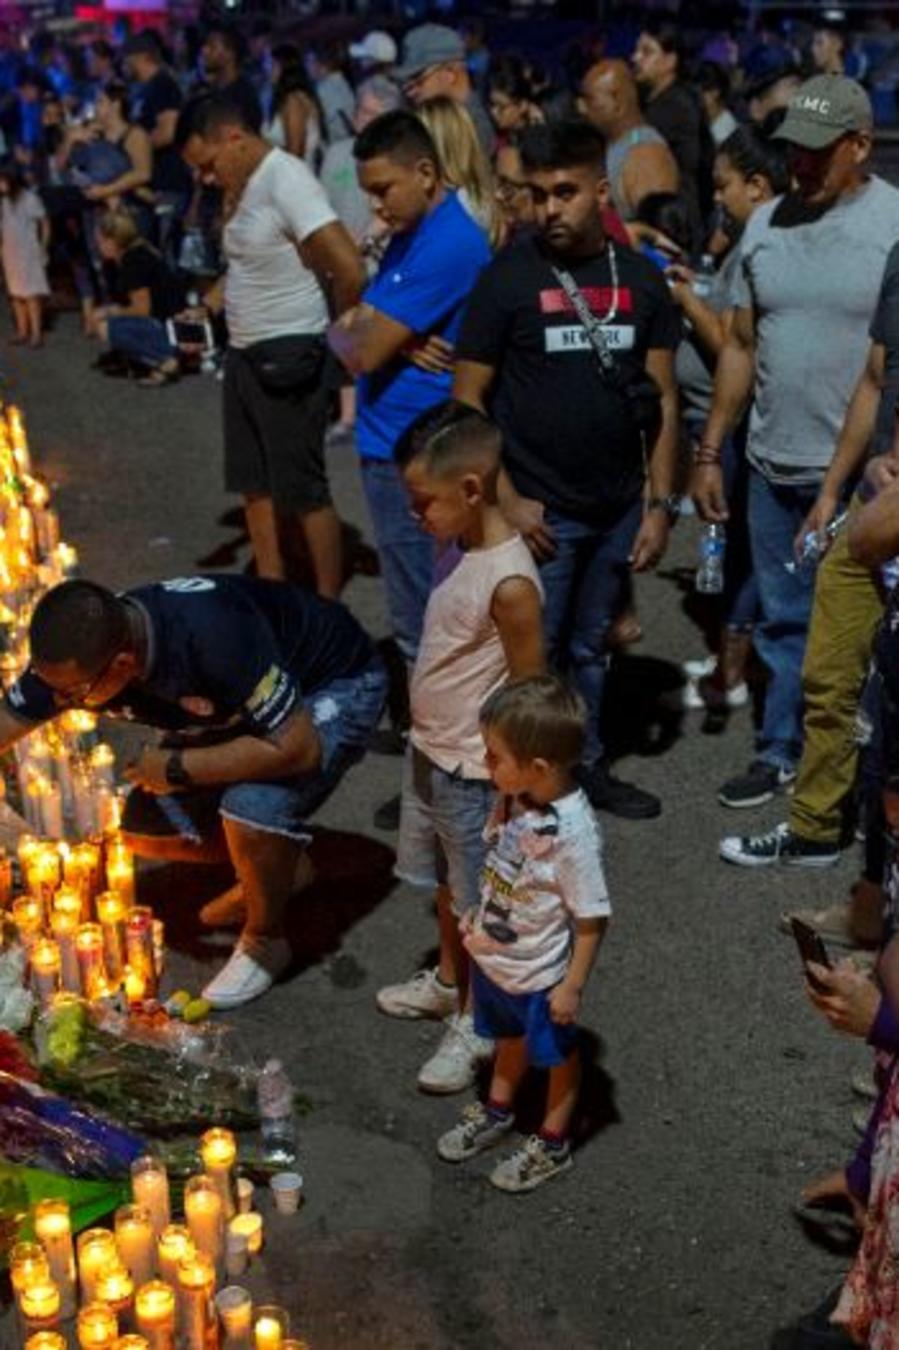 Memorial improvisado por las víctimas del tiroteo masivo en un complejo comercial en El Paso, Texas.